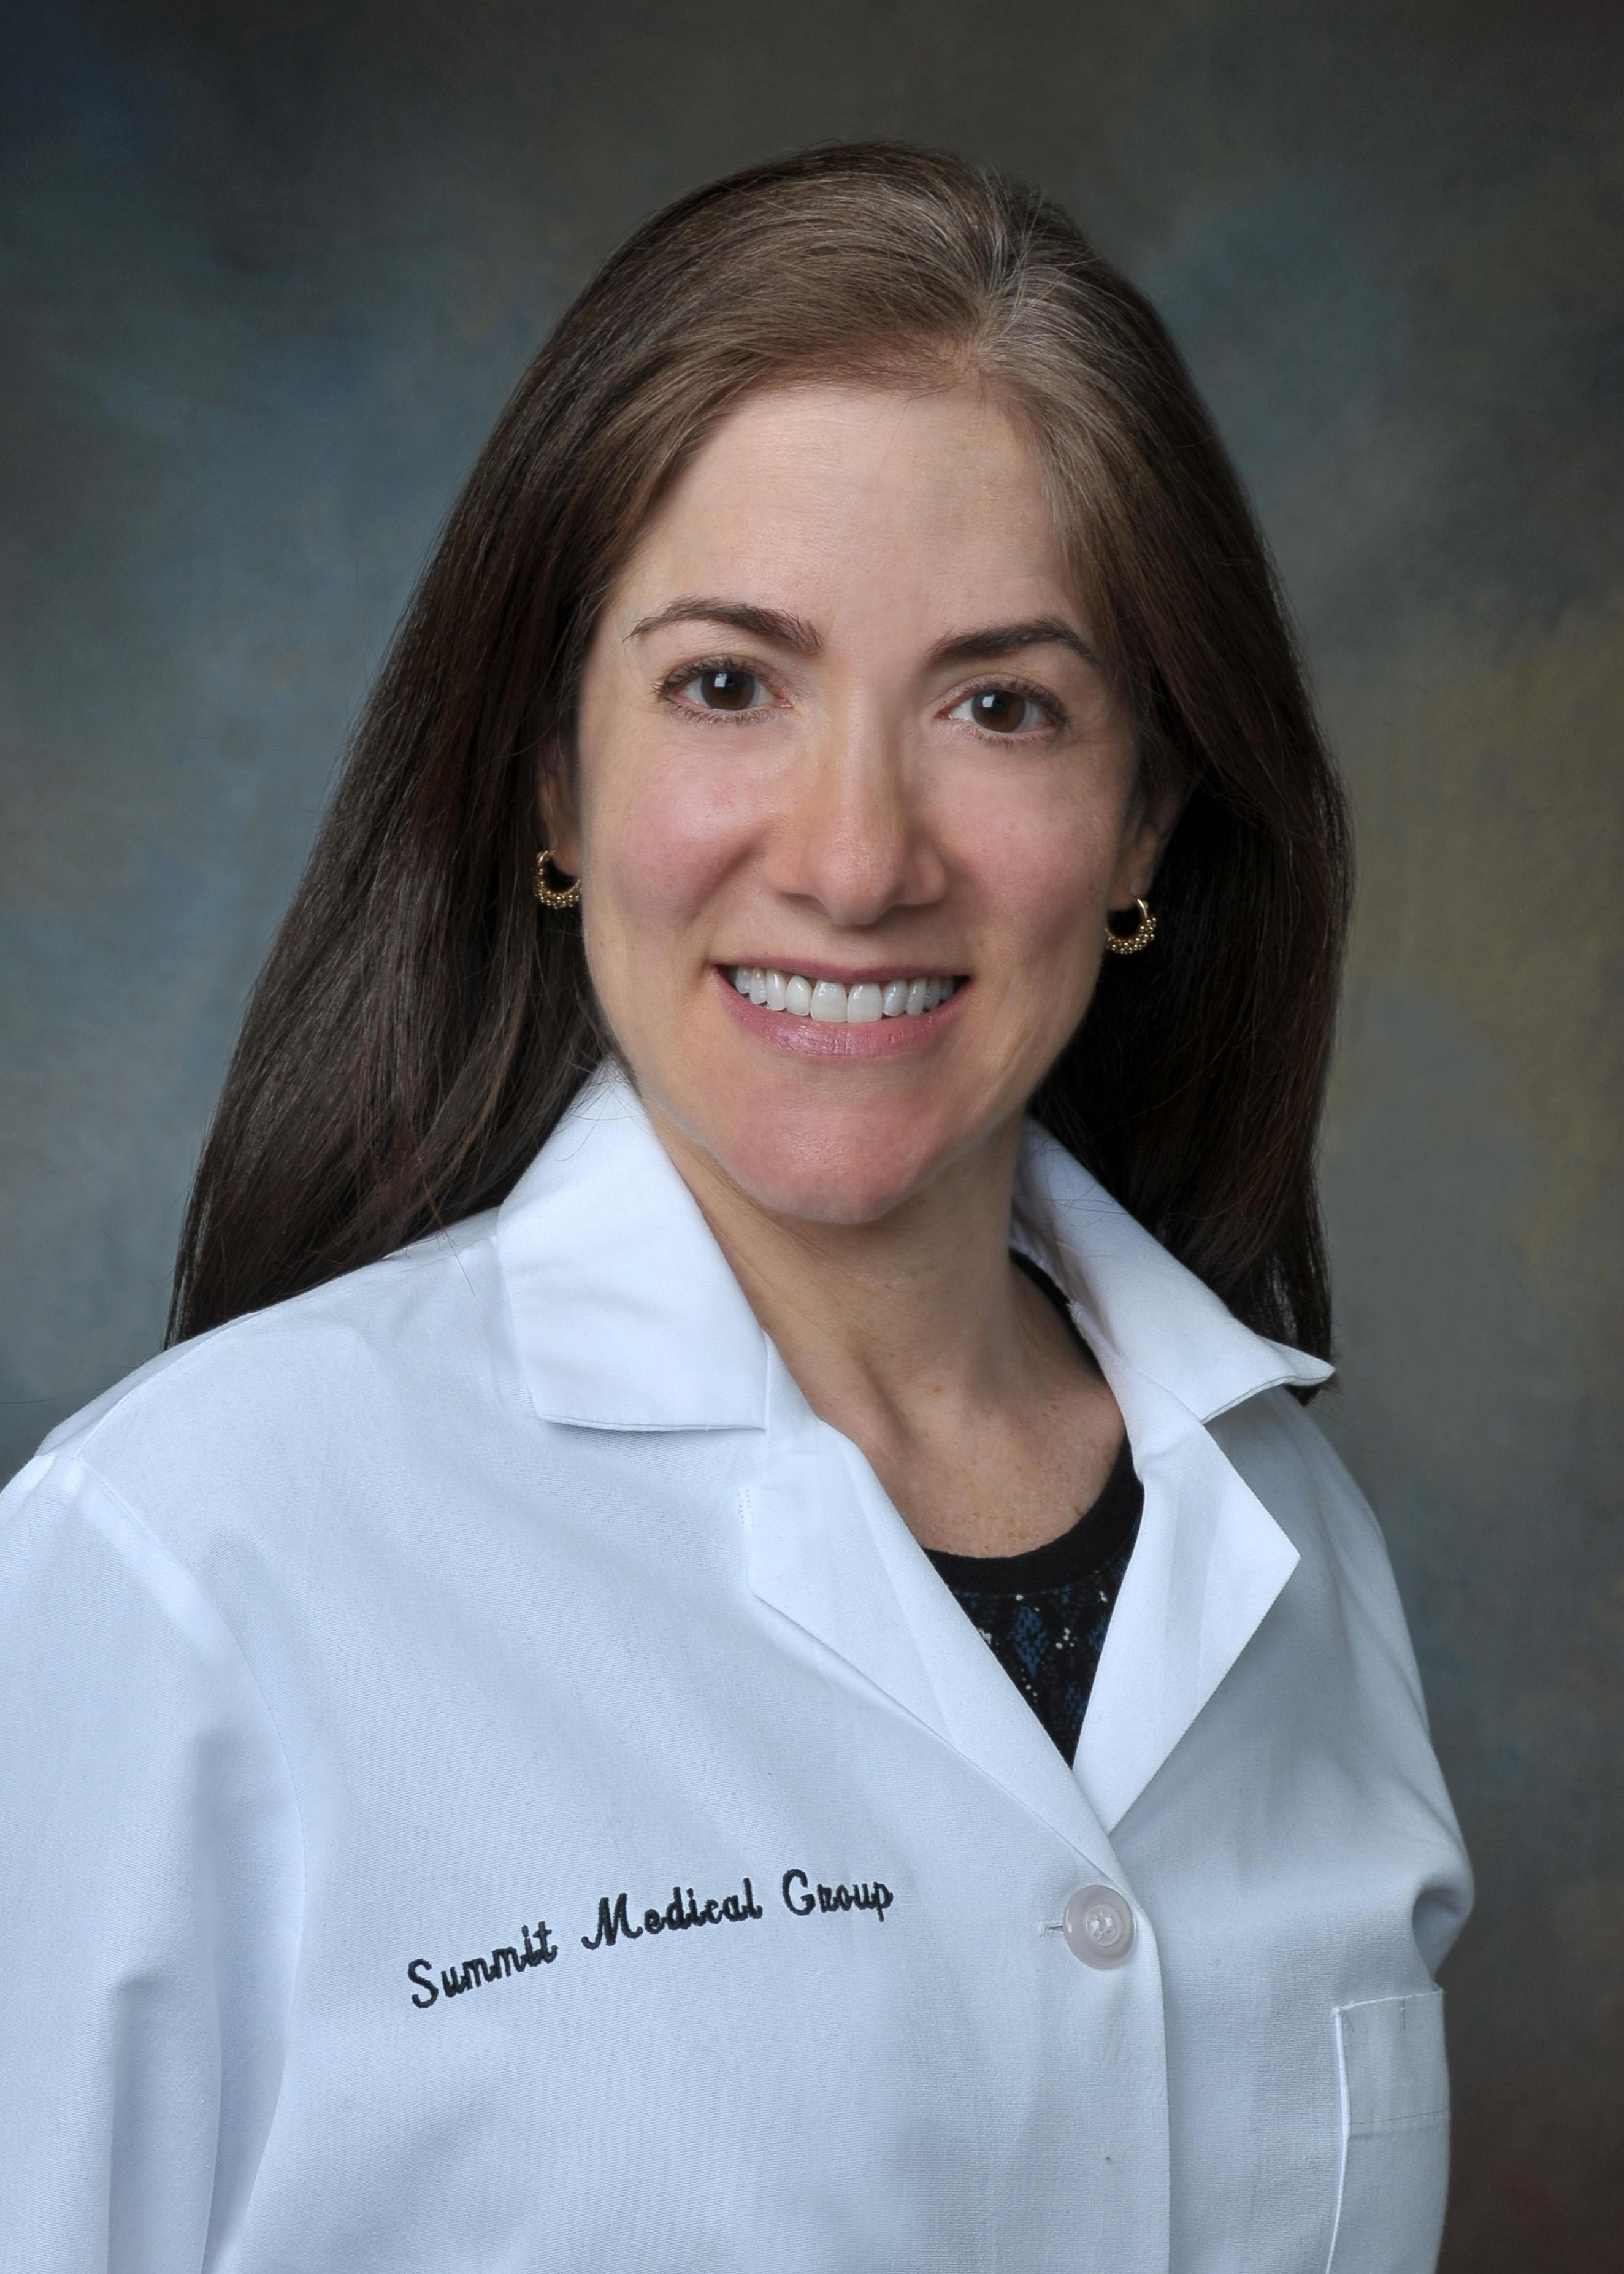 Diane Heller, MD